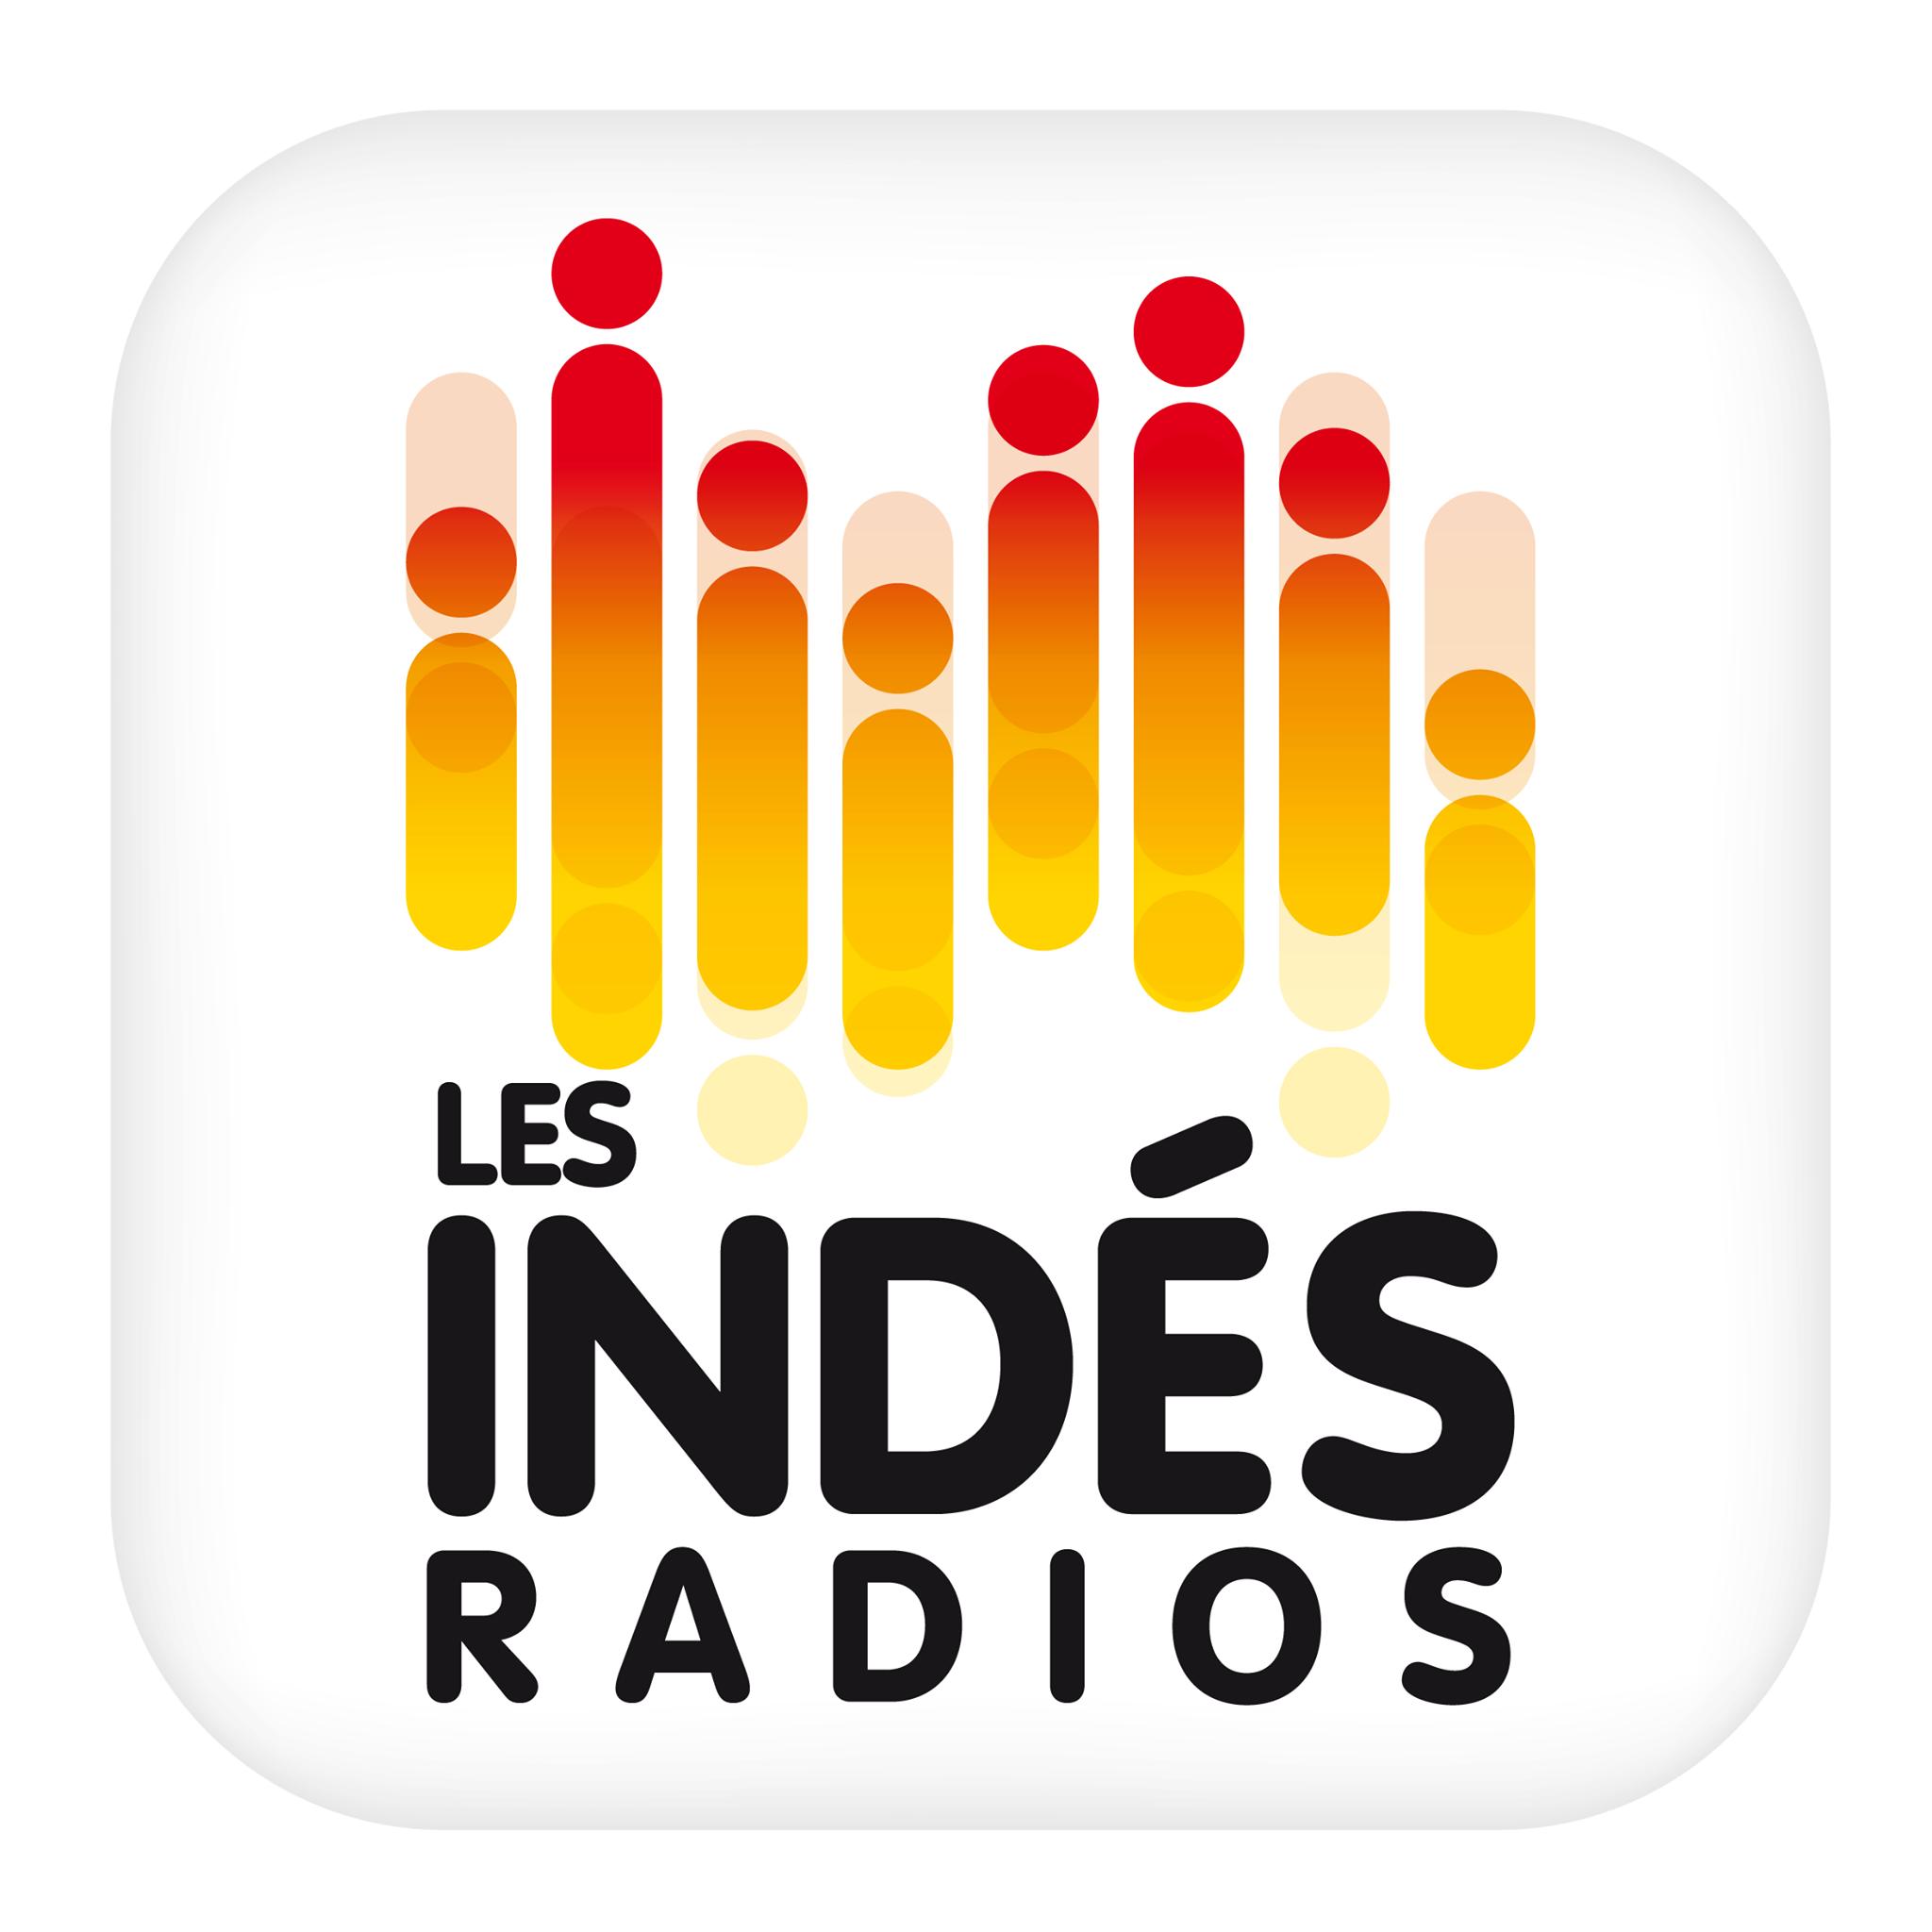 Les Indés Radios  : quatrième offre de radios digitales